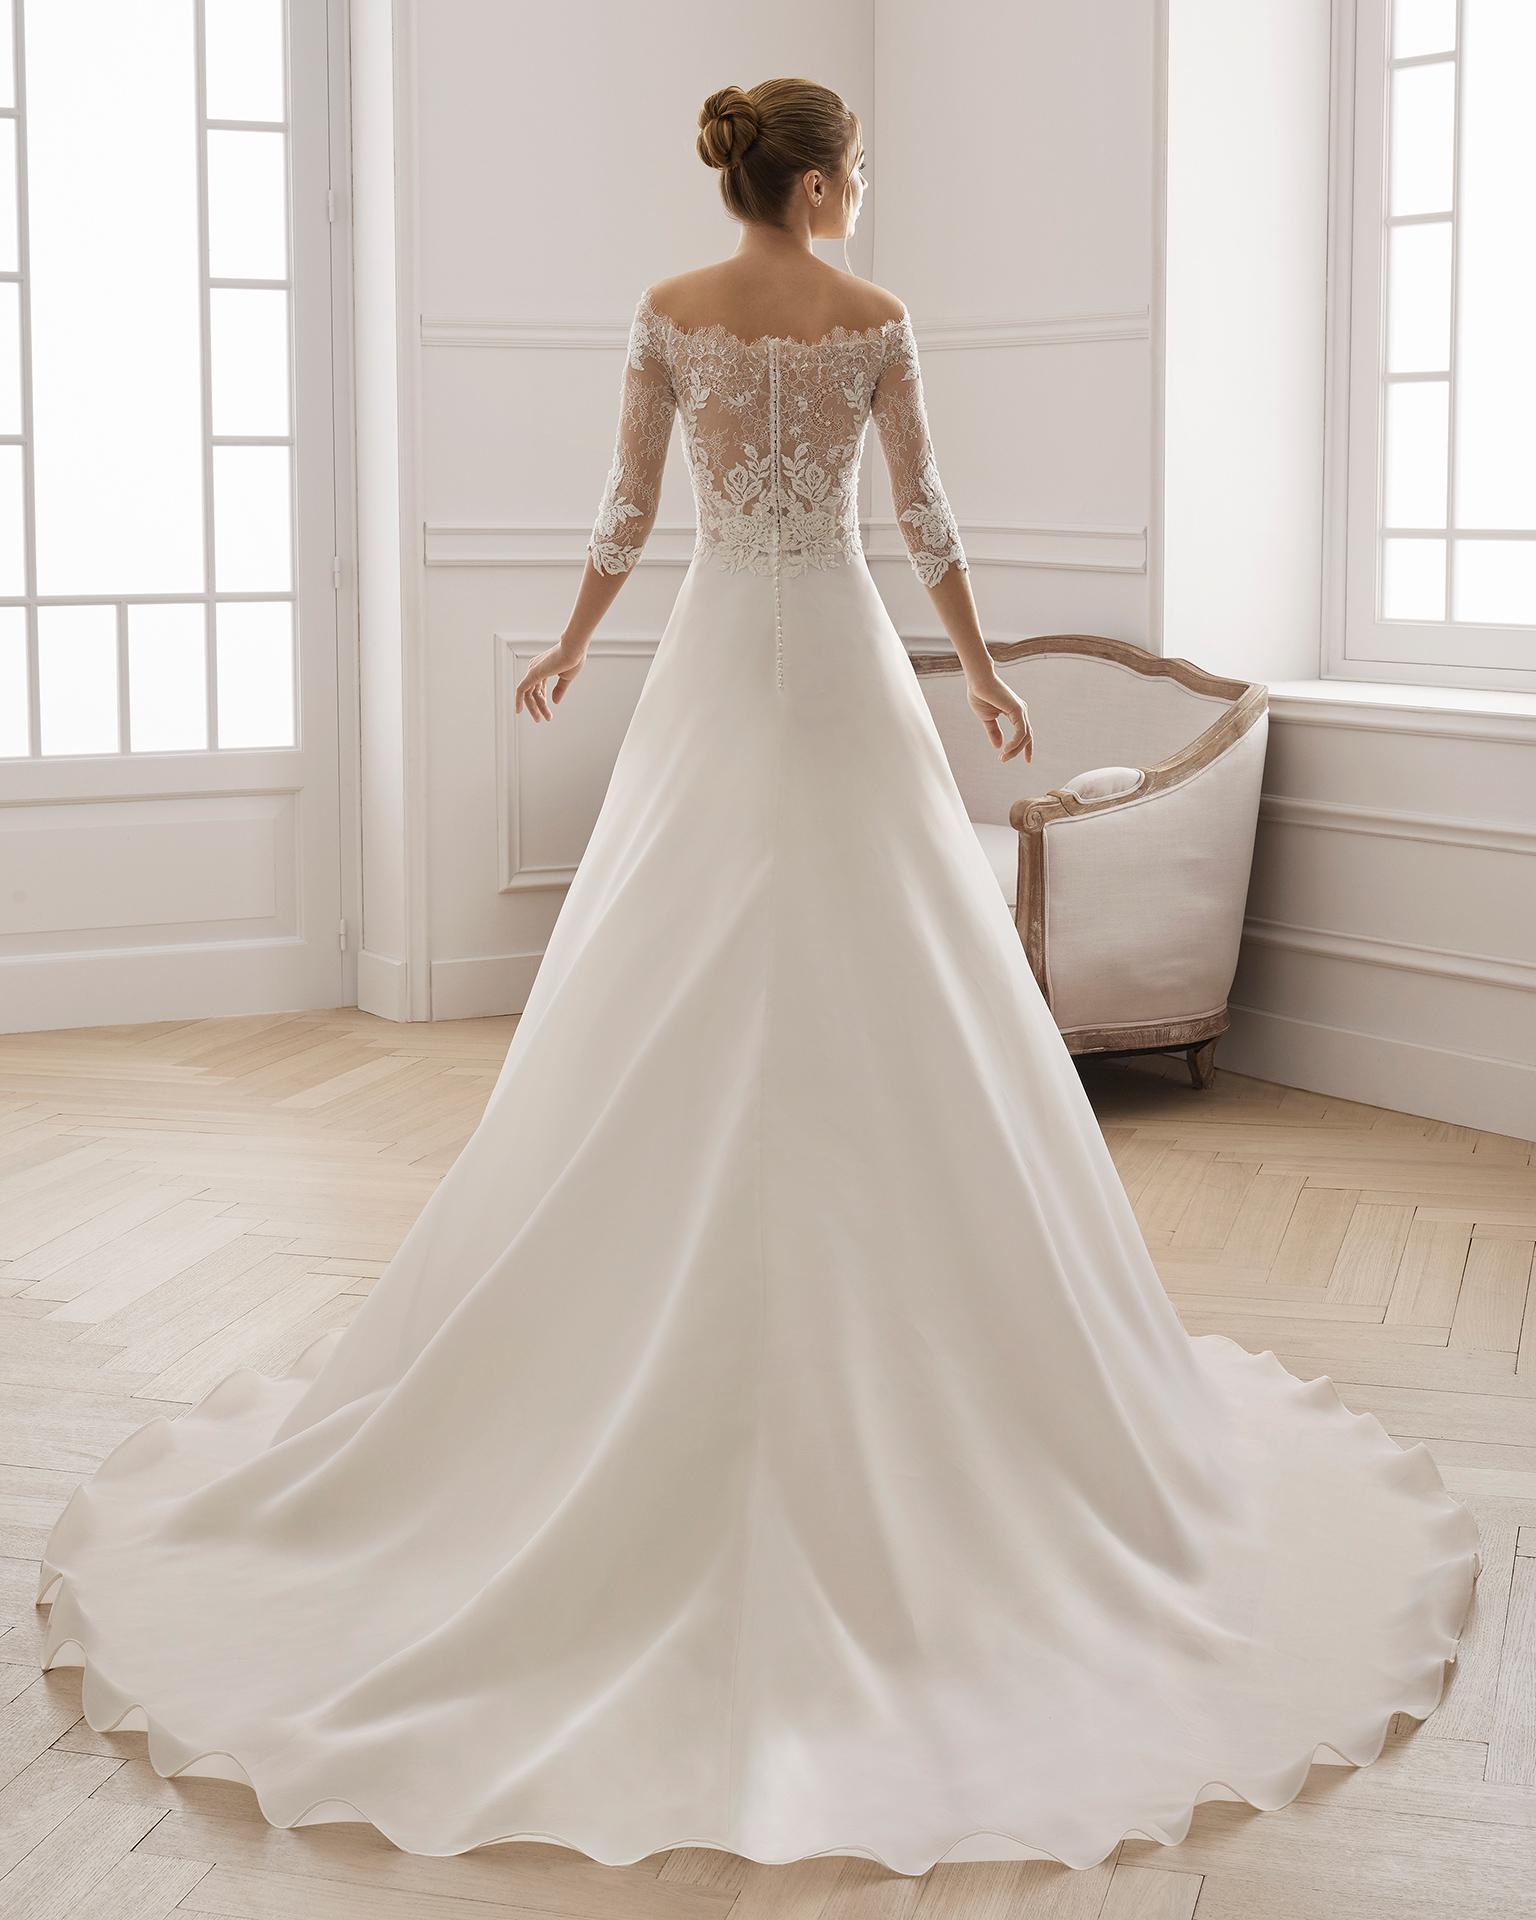 Vestido de noiva estilo linha A de gazar e renda de brilhantes. Decote à barco e manga comprida. Disponível em cor natural. Coleção AIRE BARCELONA 2019.